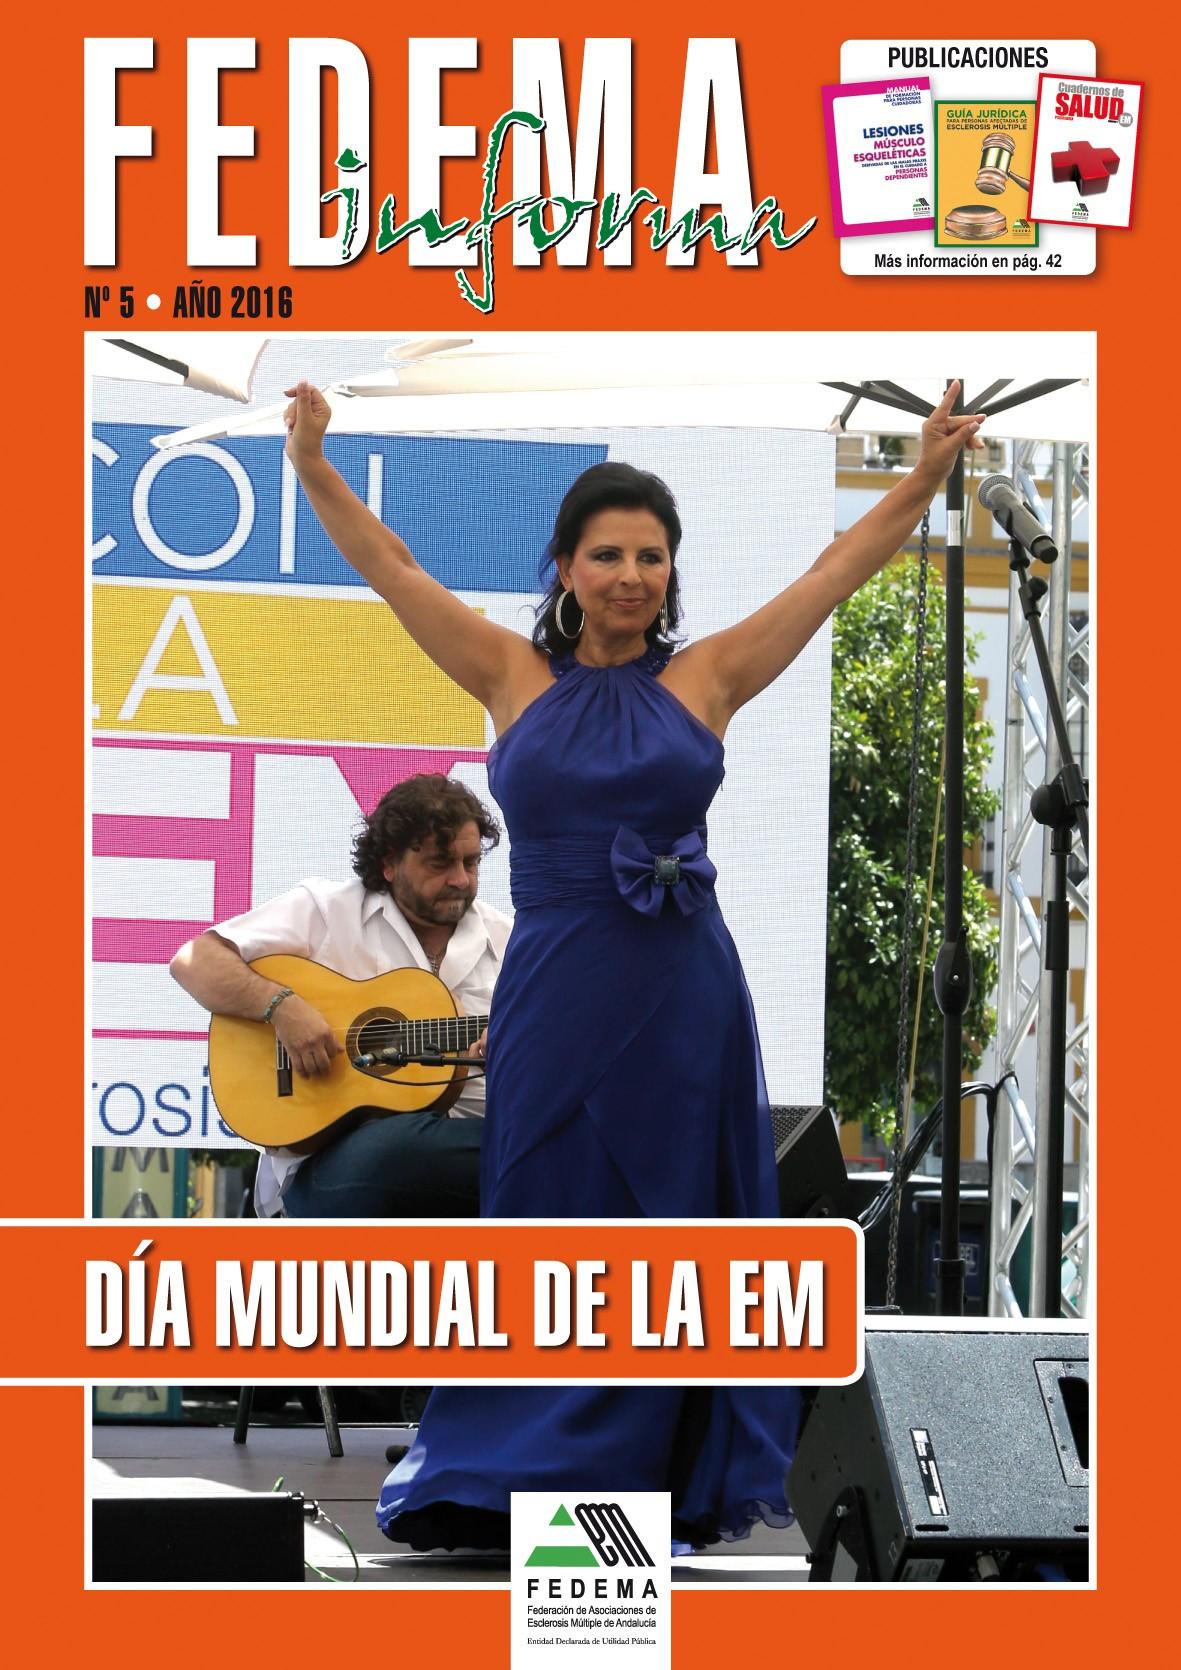 portada-fedema-informa-5